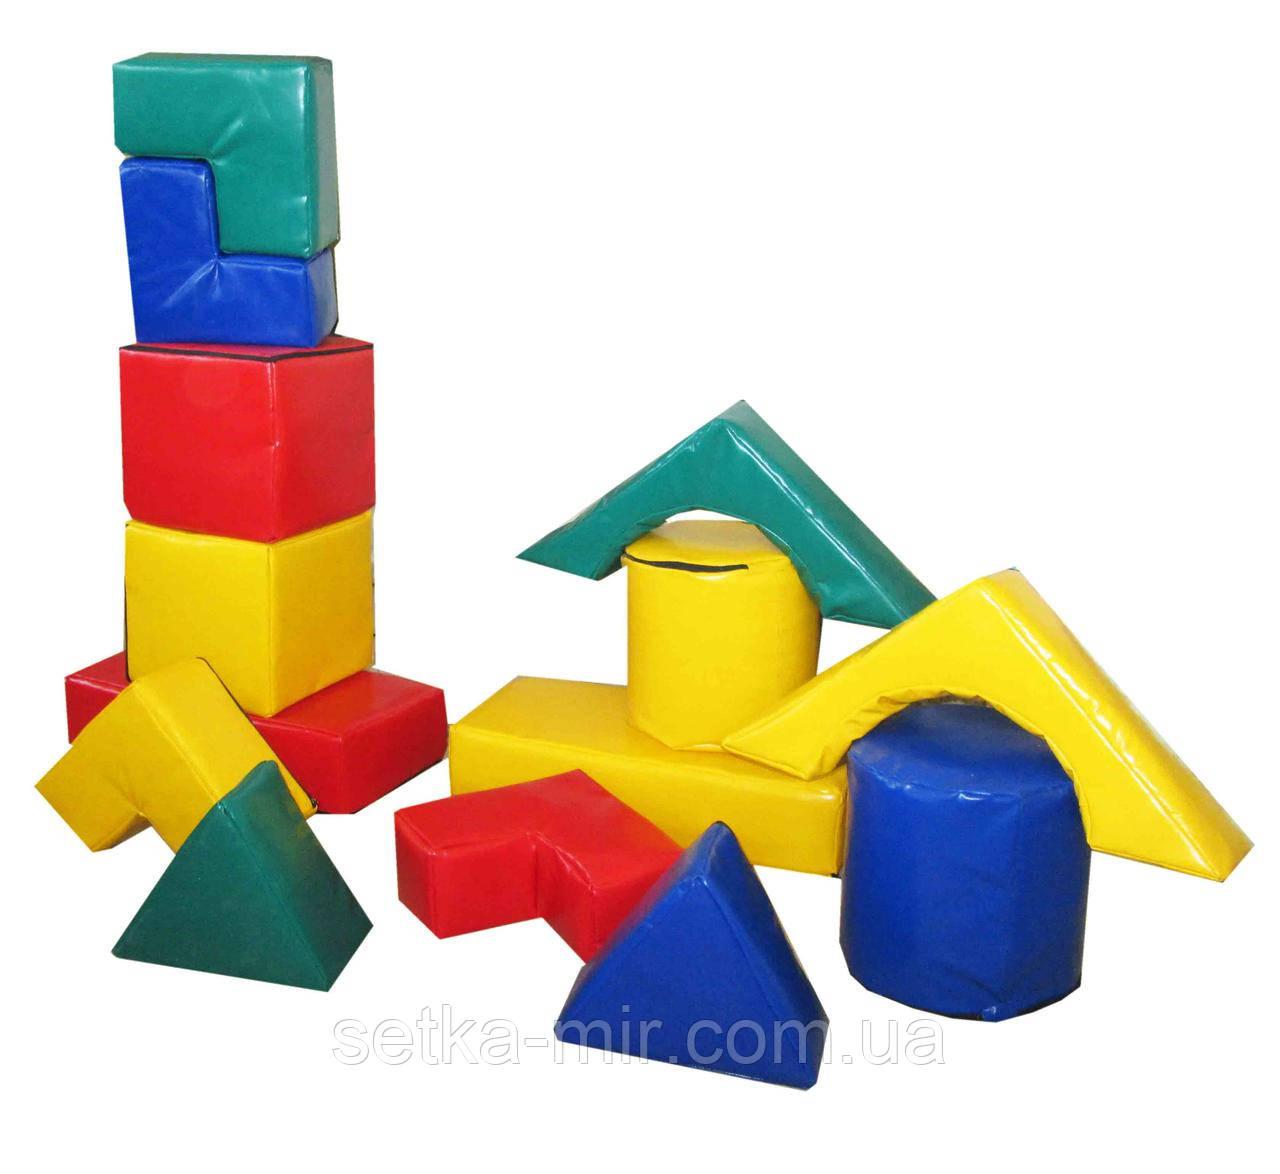 Модульний конструктор Блок-8